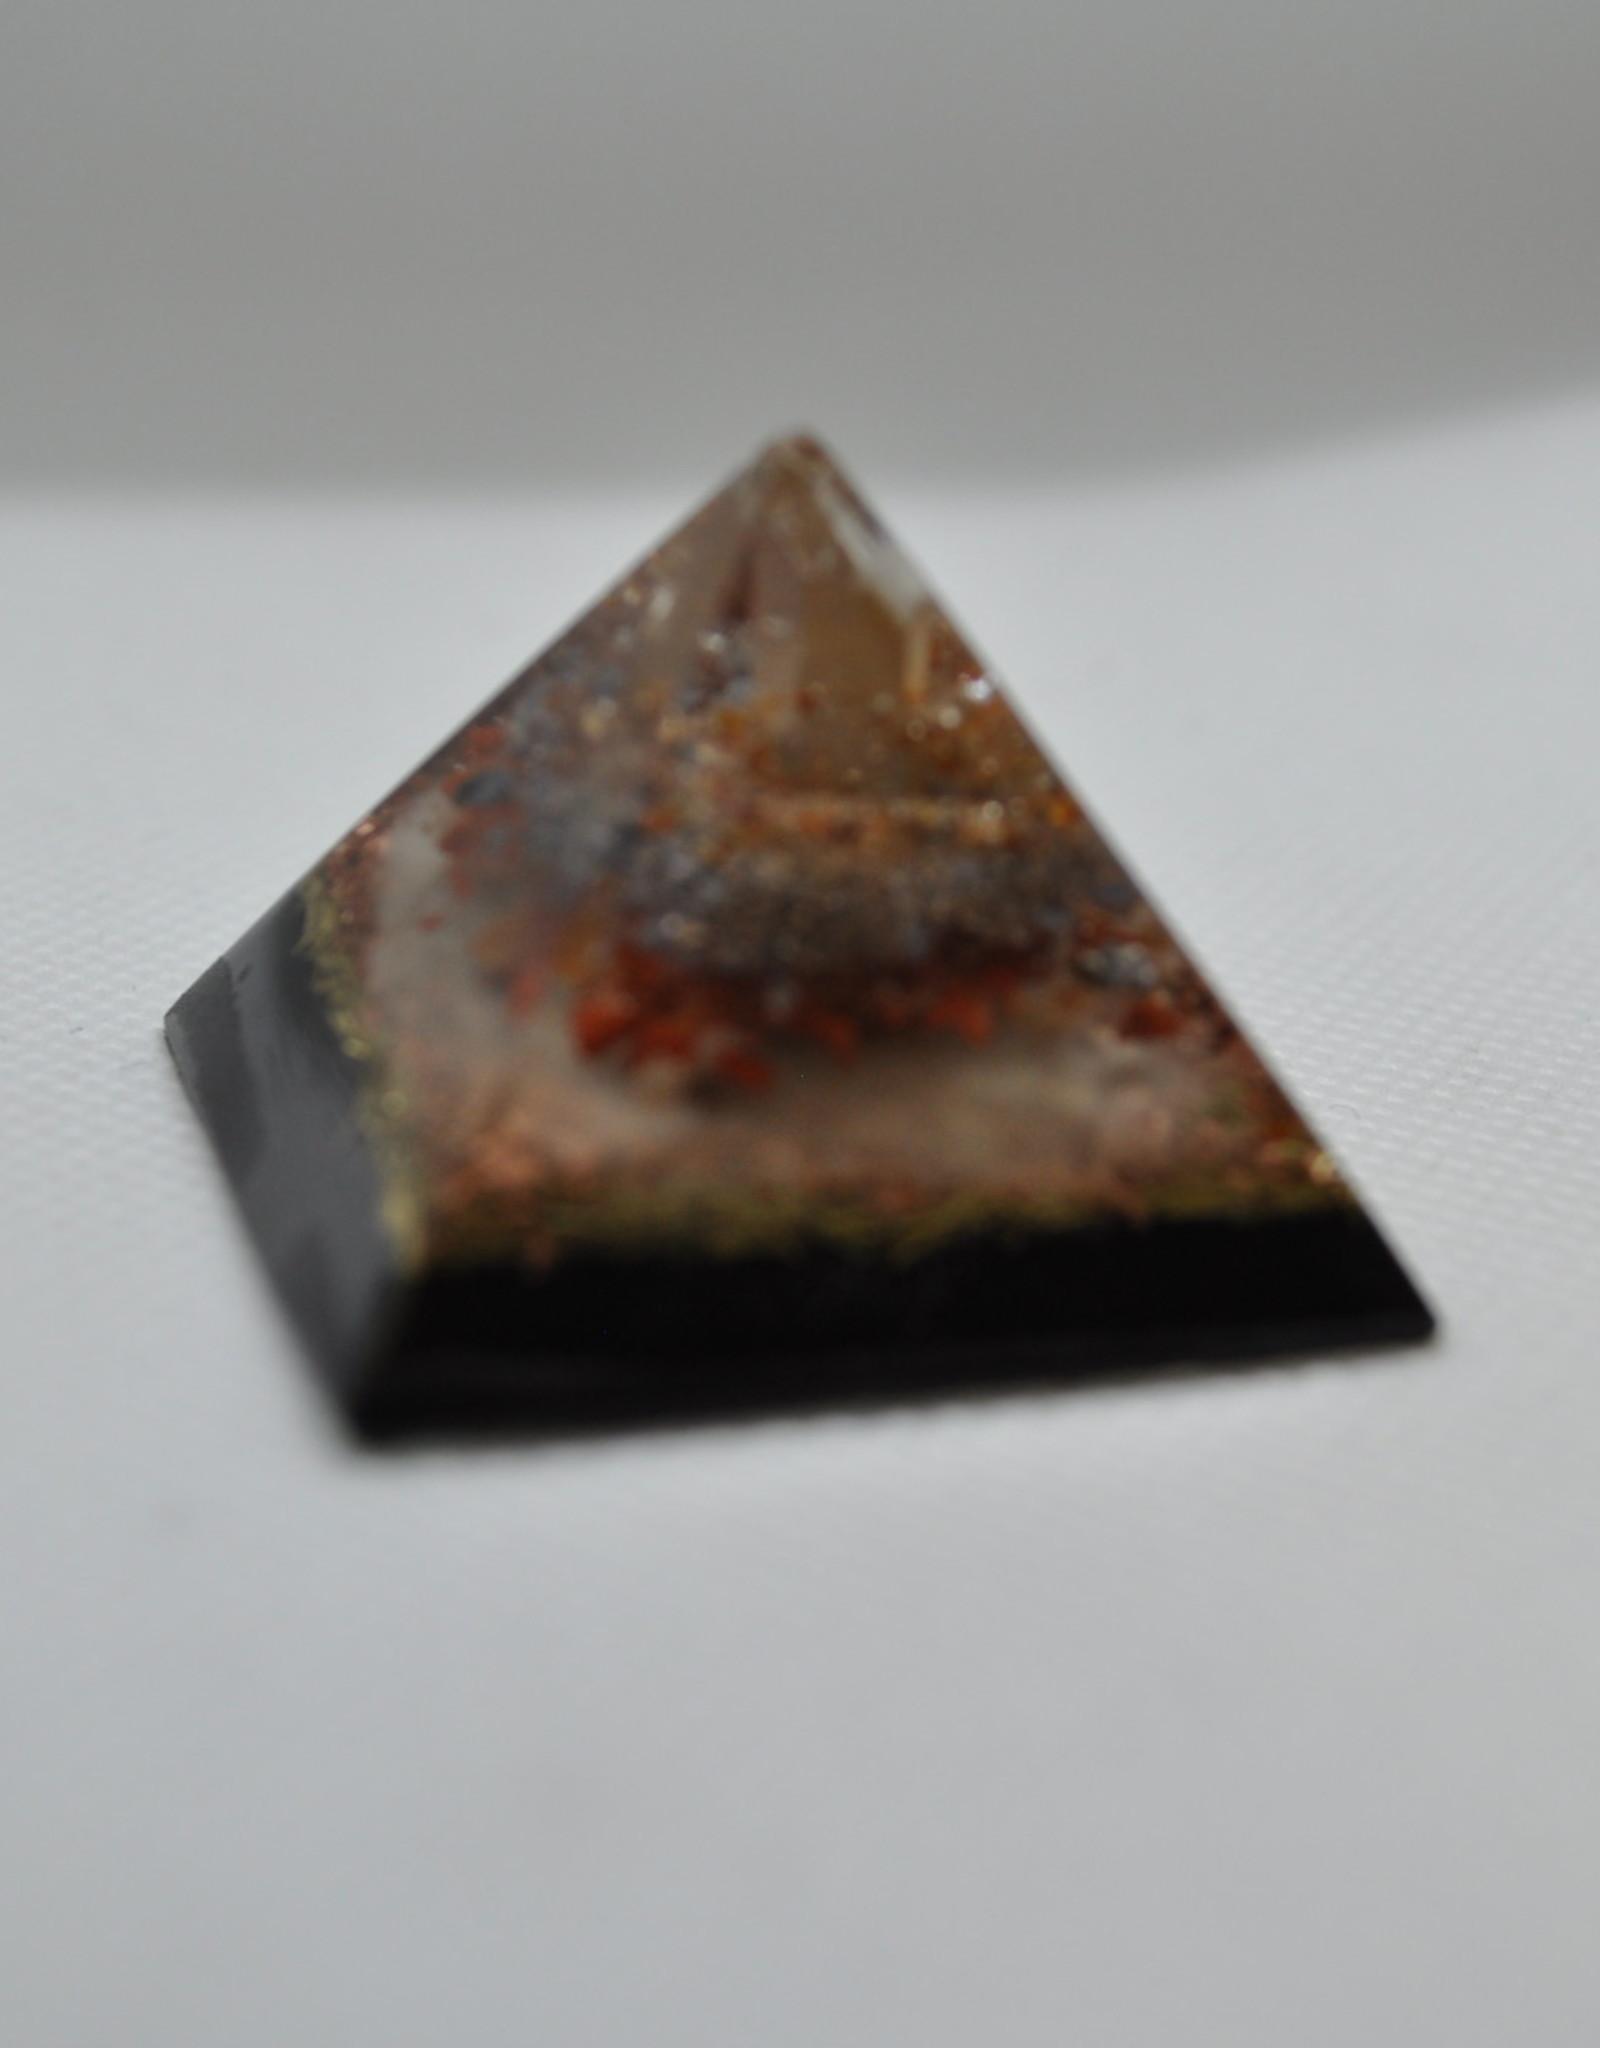 Orgone Energy Fields Tangerine Quartz Crystal